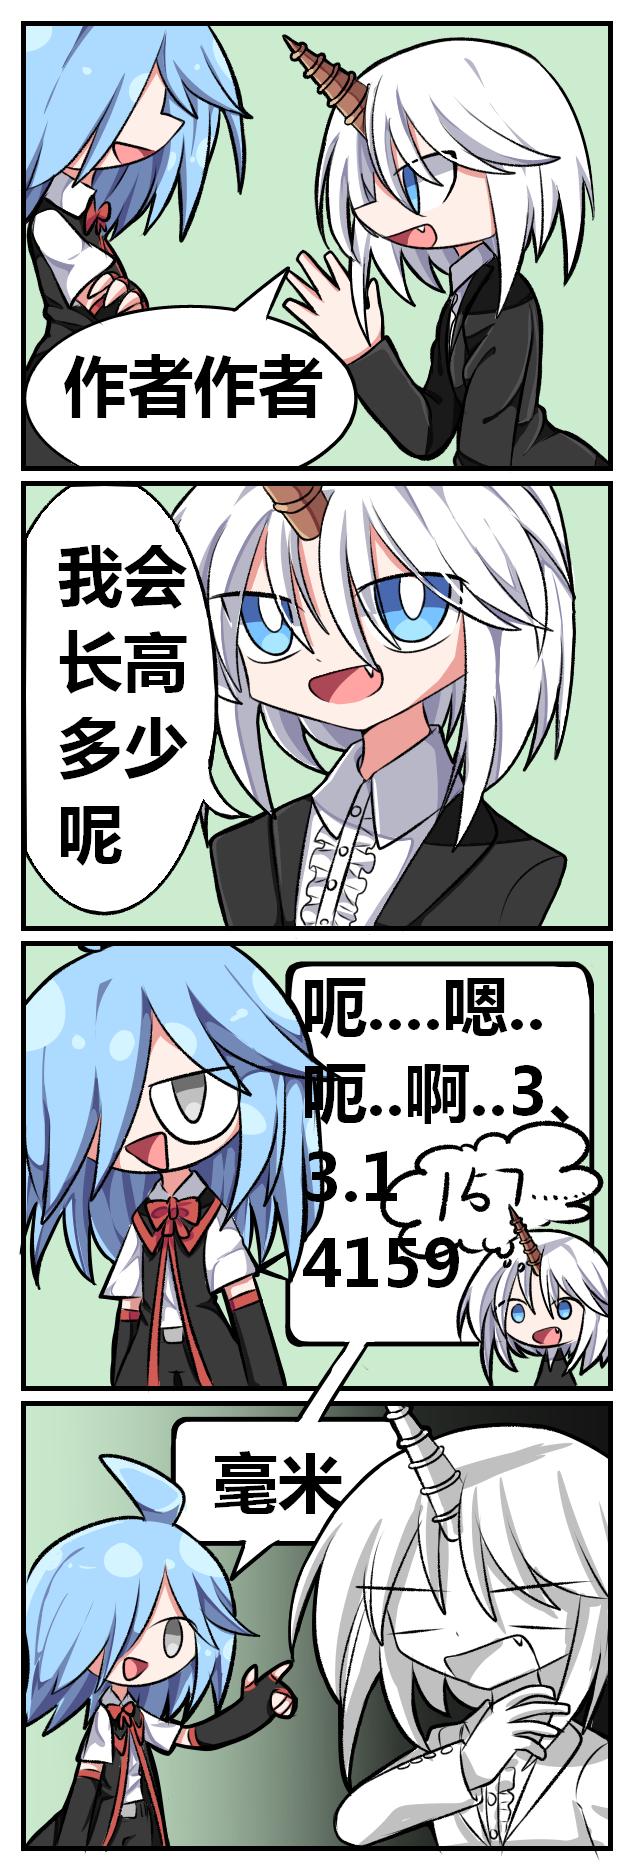 【NKNK'sOCs小漫画】作者的恶意1